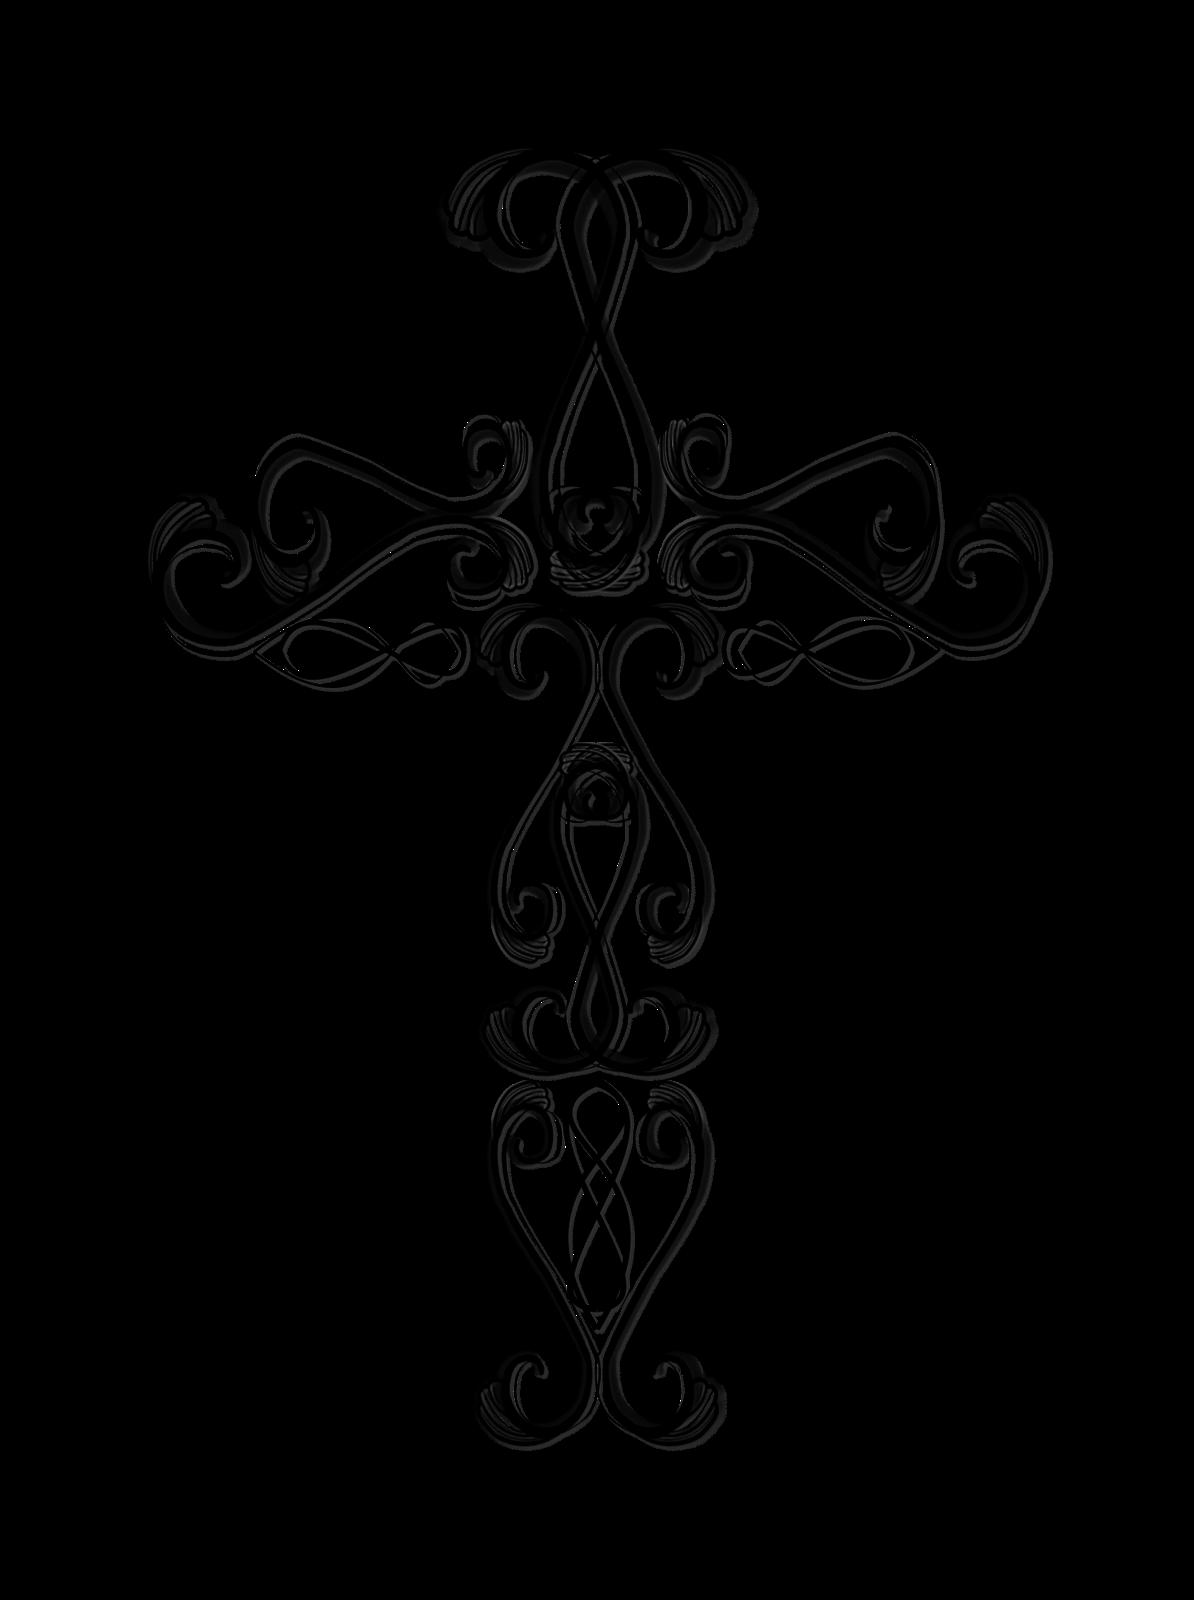 crucifix clipart fancy